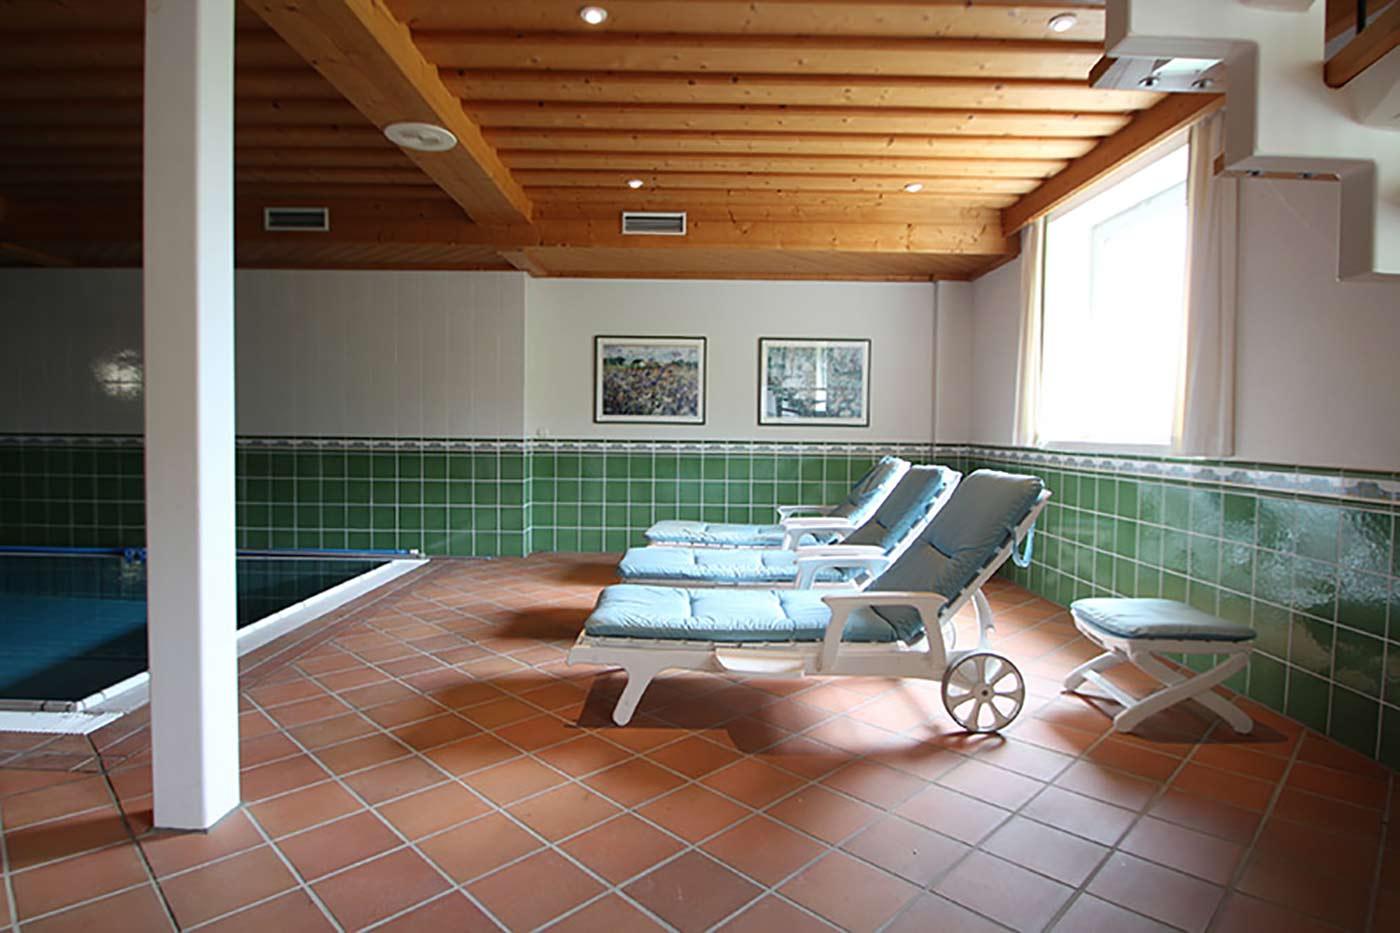 Vorher-Foto vom Liegebereich am Pool | Blickfang Homestaging in Soest